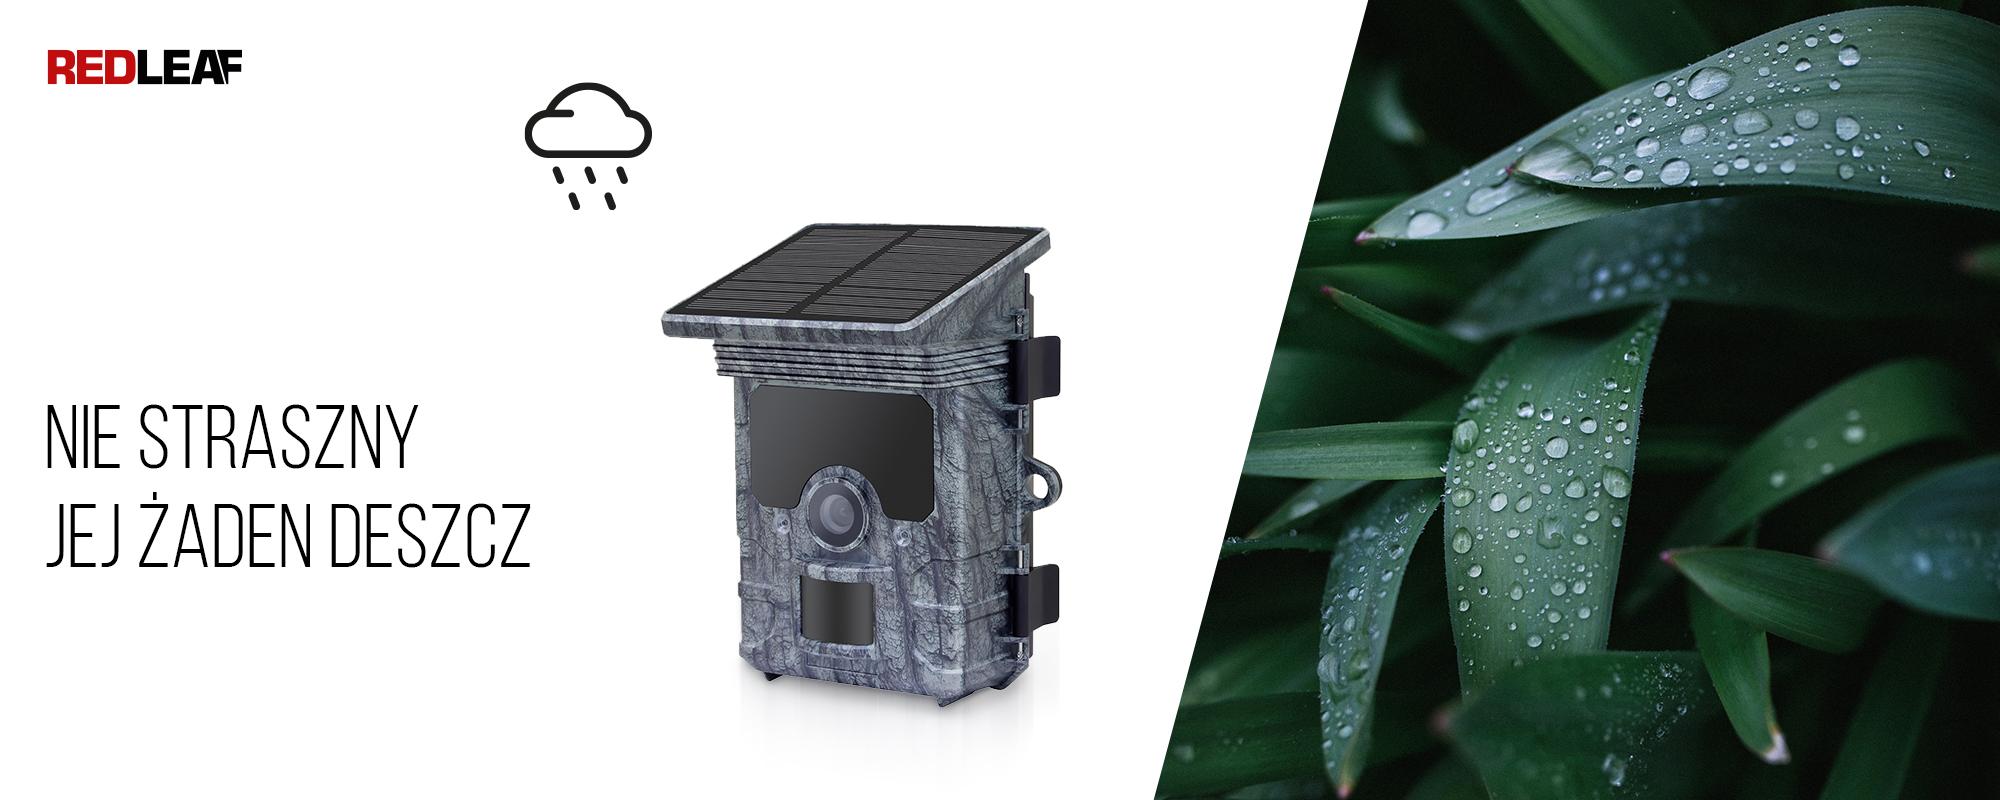 Kamera obserwacyjna z panelem słonecznym Redleaf RD7000 WiFi oraz rośliny pokryte kroplami wody